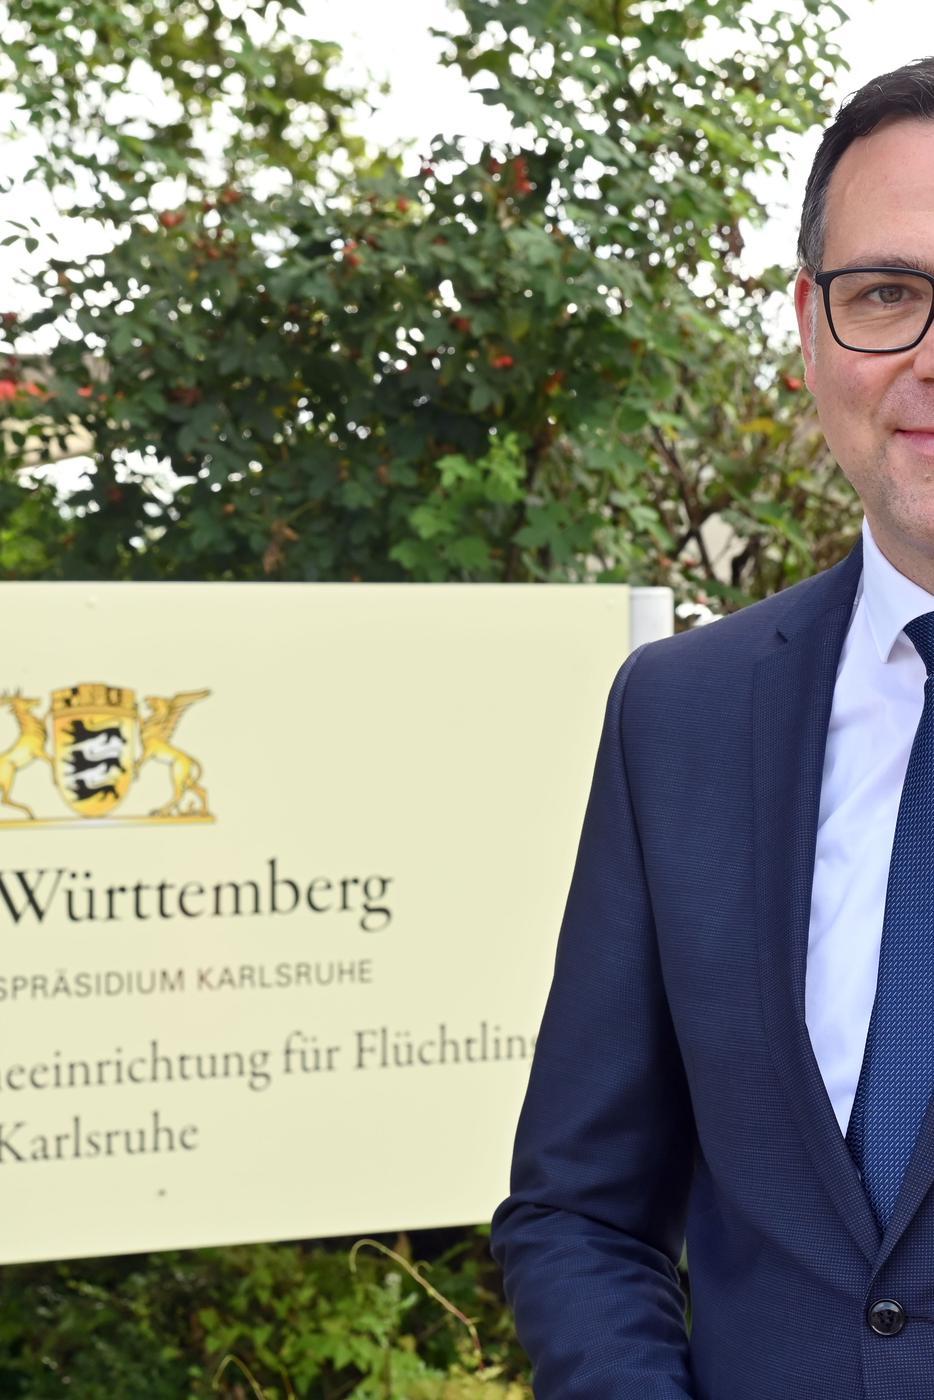 Der baden-württembergische Migrationsstaatssekretär Siegfried Lorek (CDU) steht vor der Landeserstaufnahmeeinrichtung für Flüchtlinge. Bei seinem Antrittsbesuch wollte er sich über die Arbeit der Einrichtung informieren. +++ dpa-Bildfunk +++